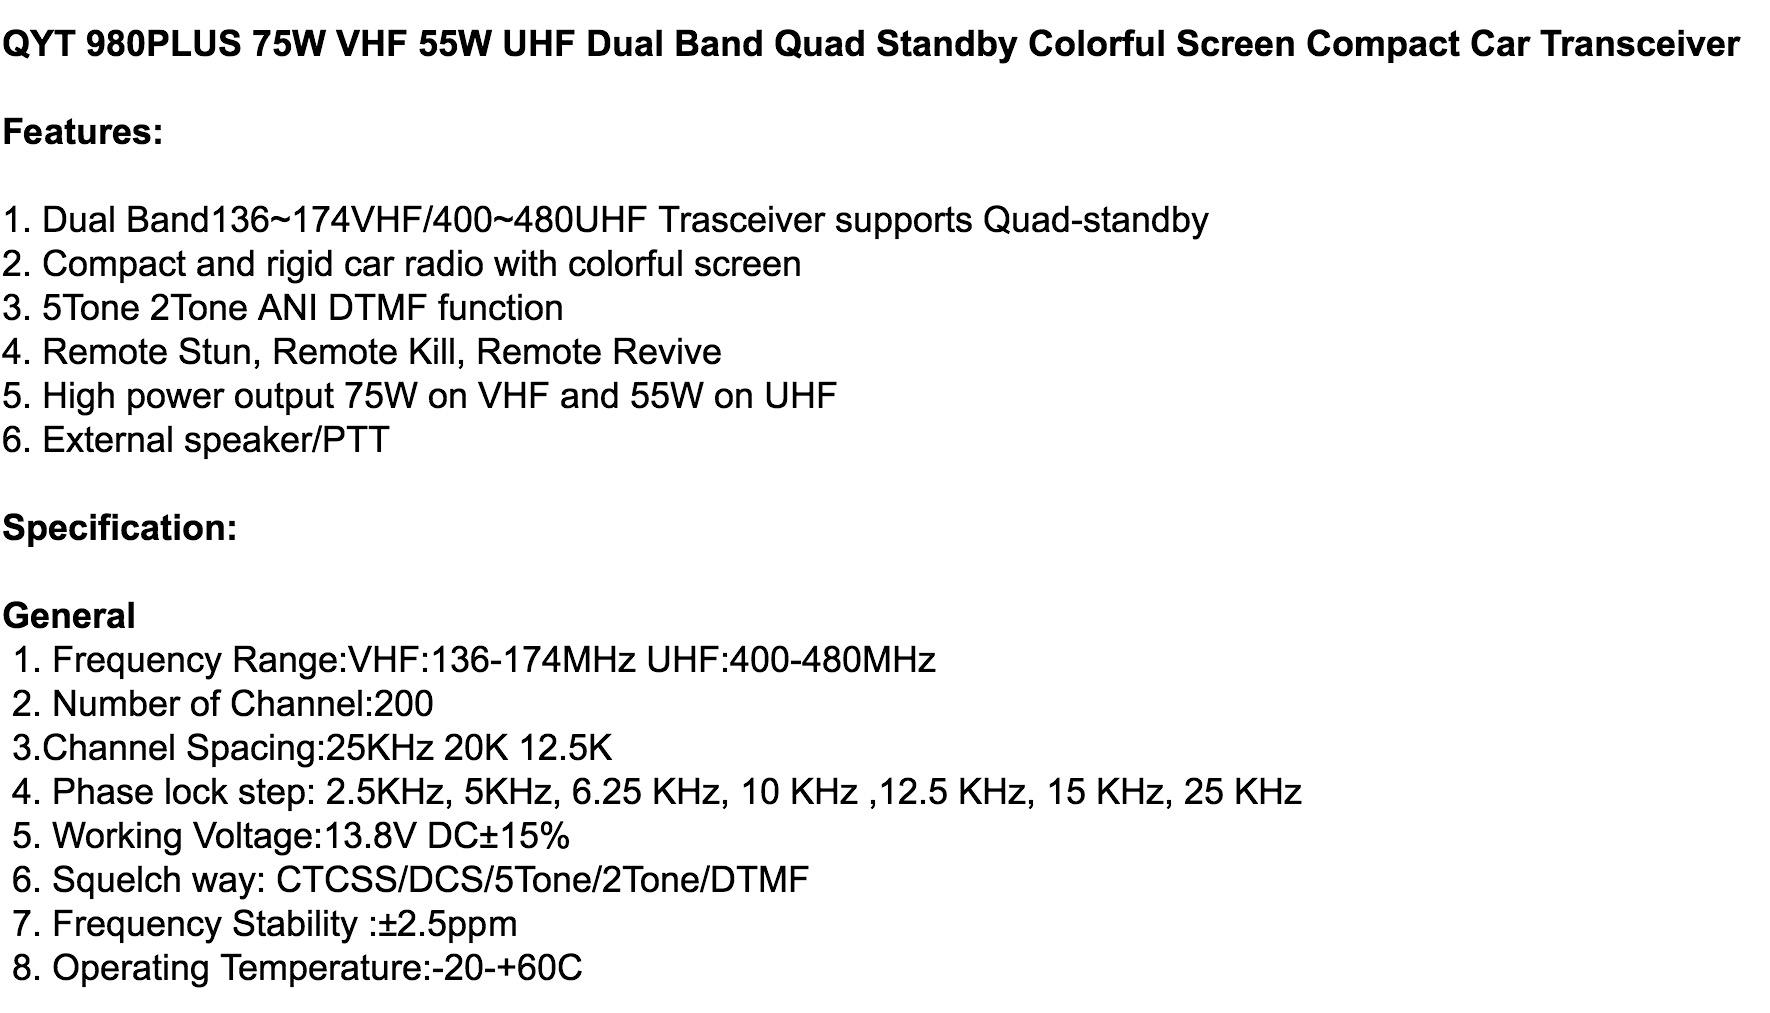 QYT 980 Plus (75w VHF/55w UHF) | Simonthewizard